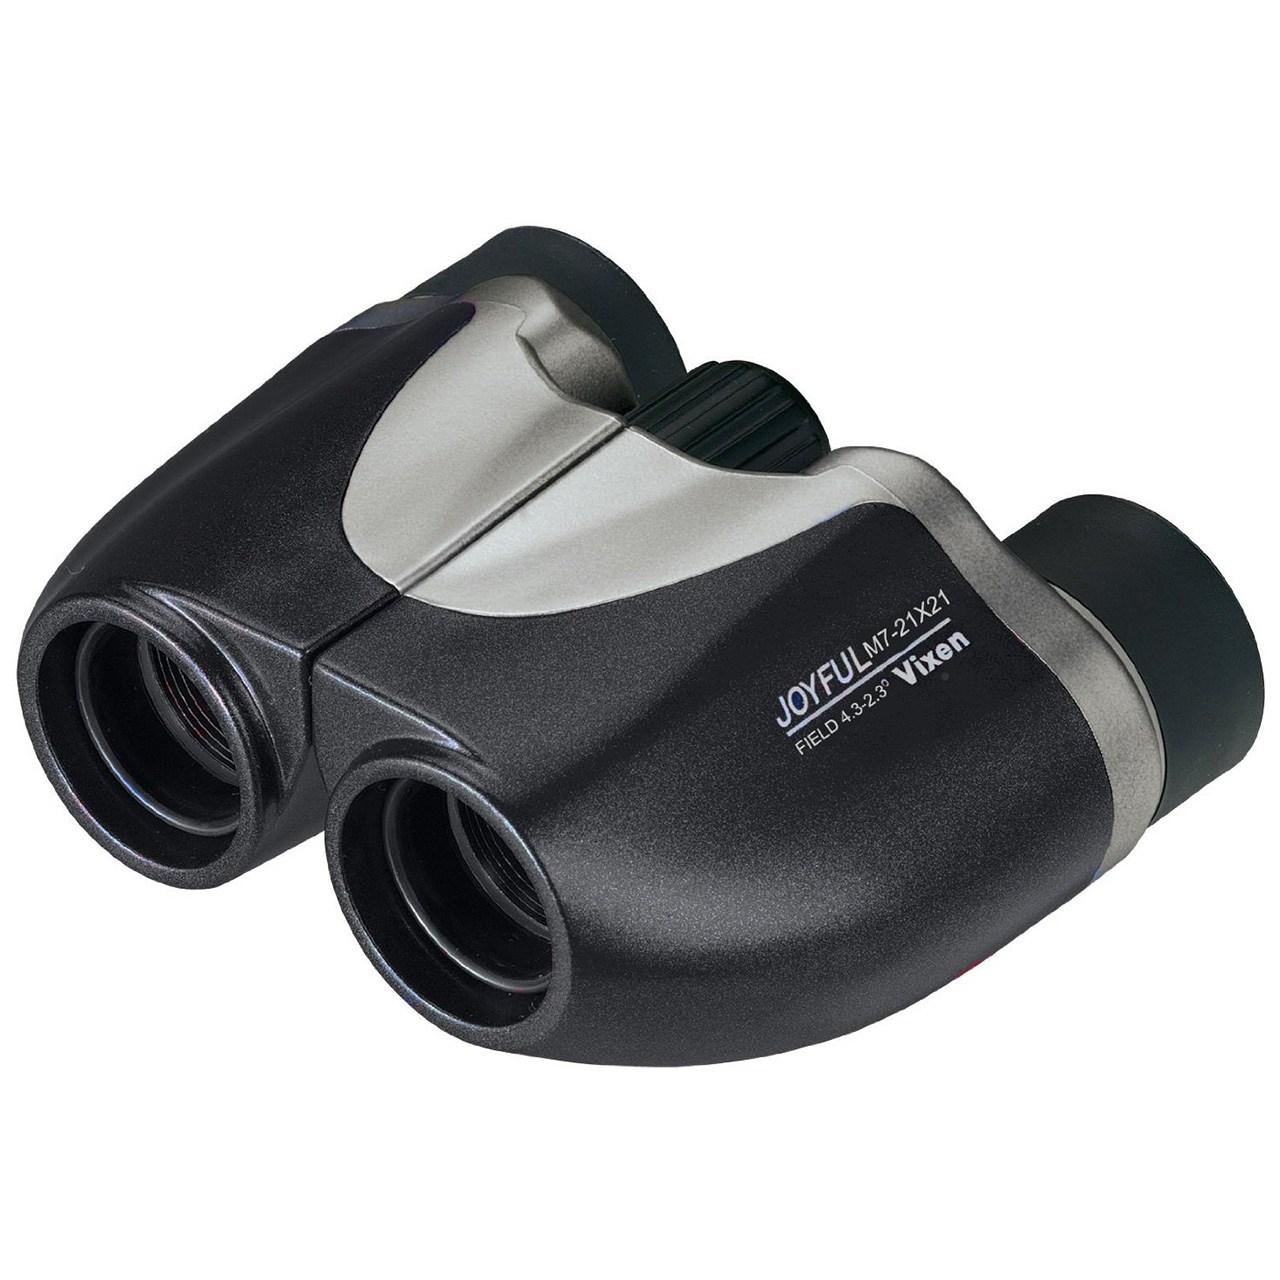 دوربین دو چشمی ویکسن مدل Joyful M7-21x21 CF Zoom